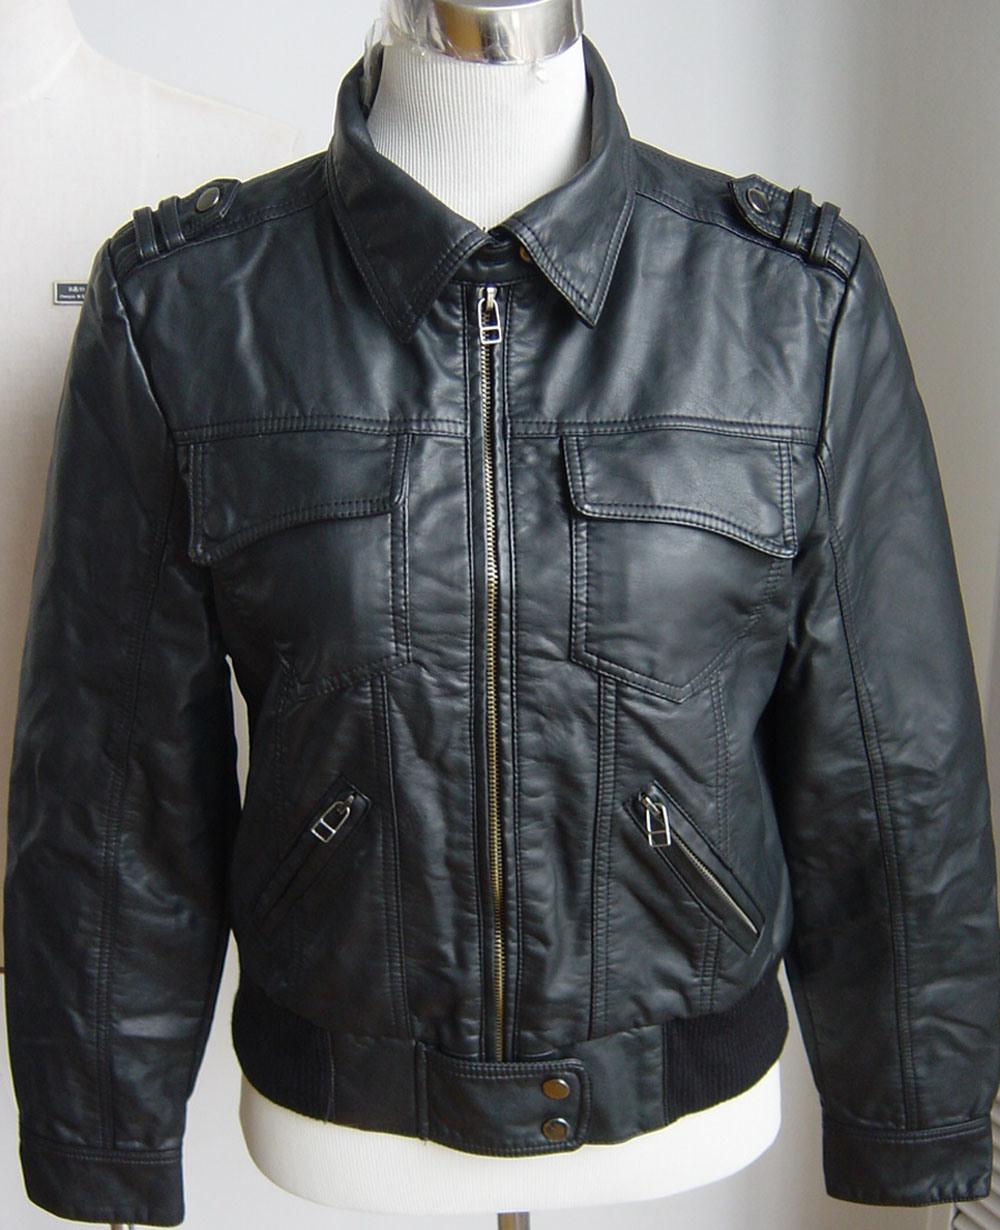 Best [Itm] Emerald, XL [Acsry To]: AngelStat Warm-Up Jacket - Emerald, XL